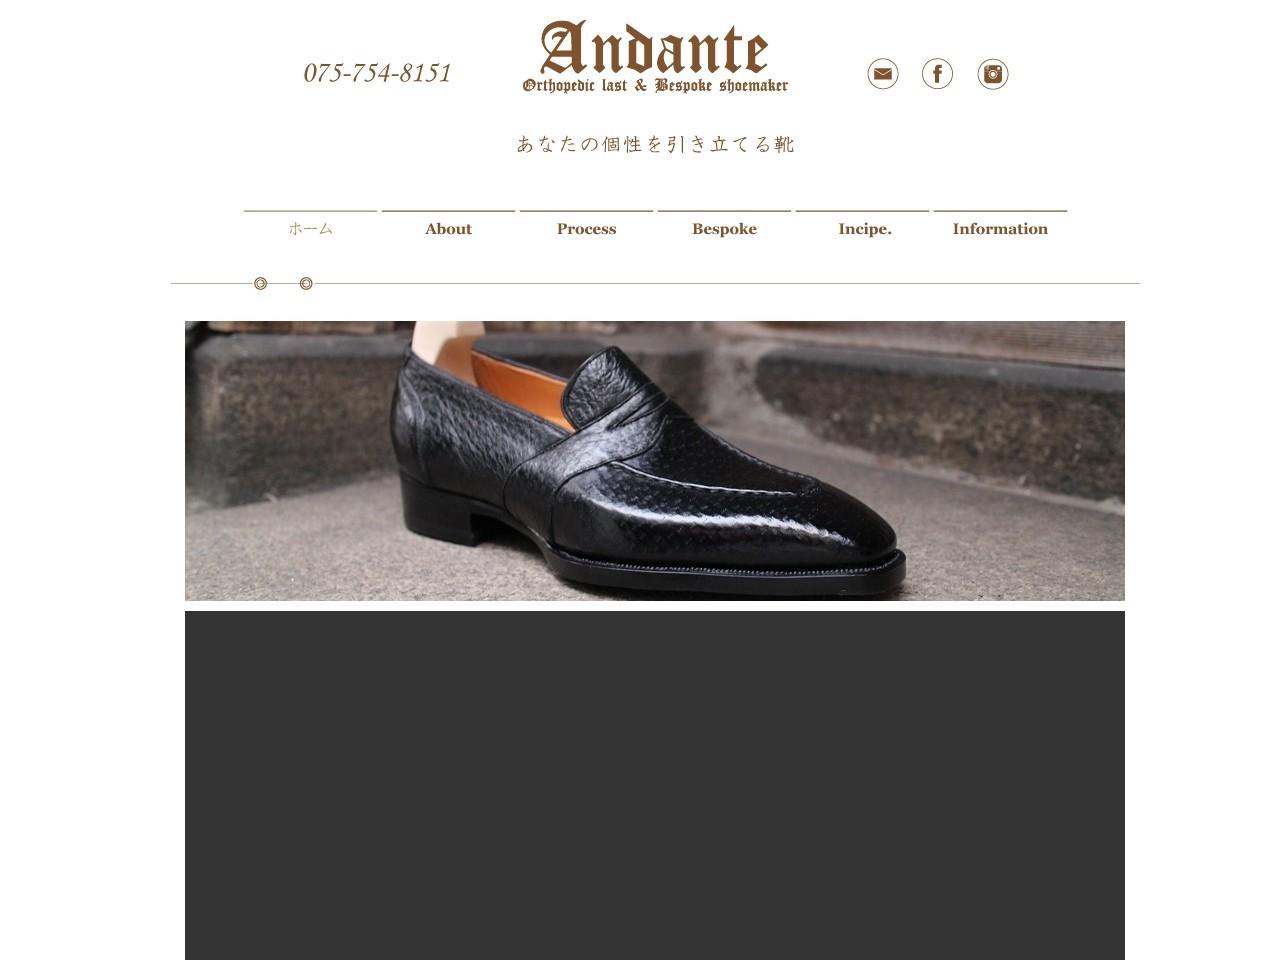 靴 京都|Andante WEB SITE | 京都のオーダー靴店